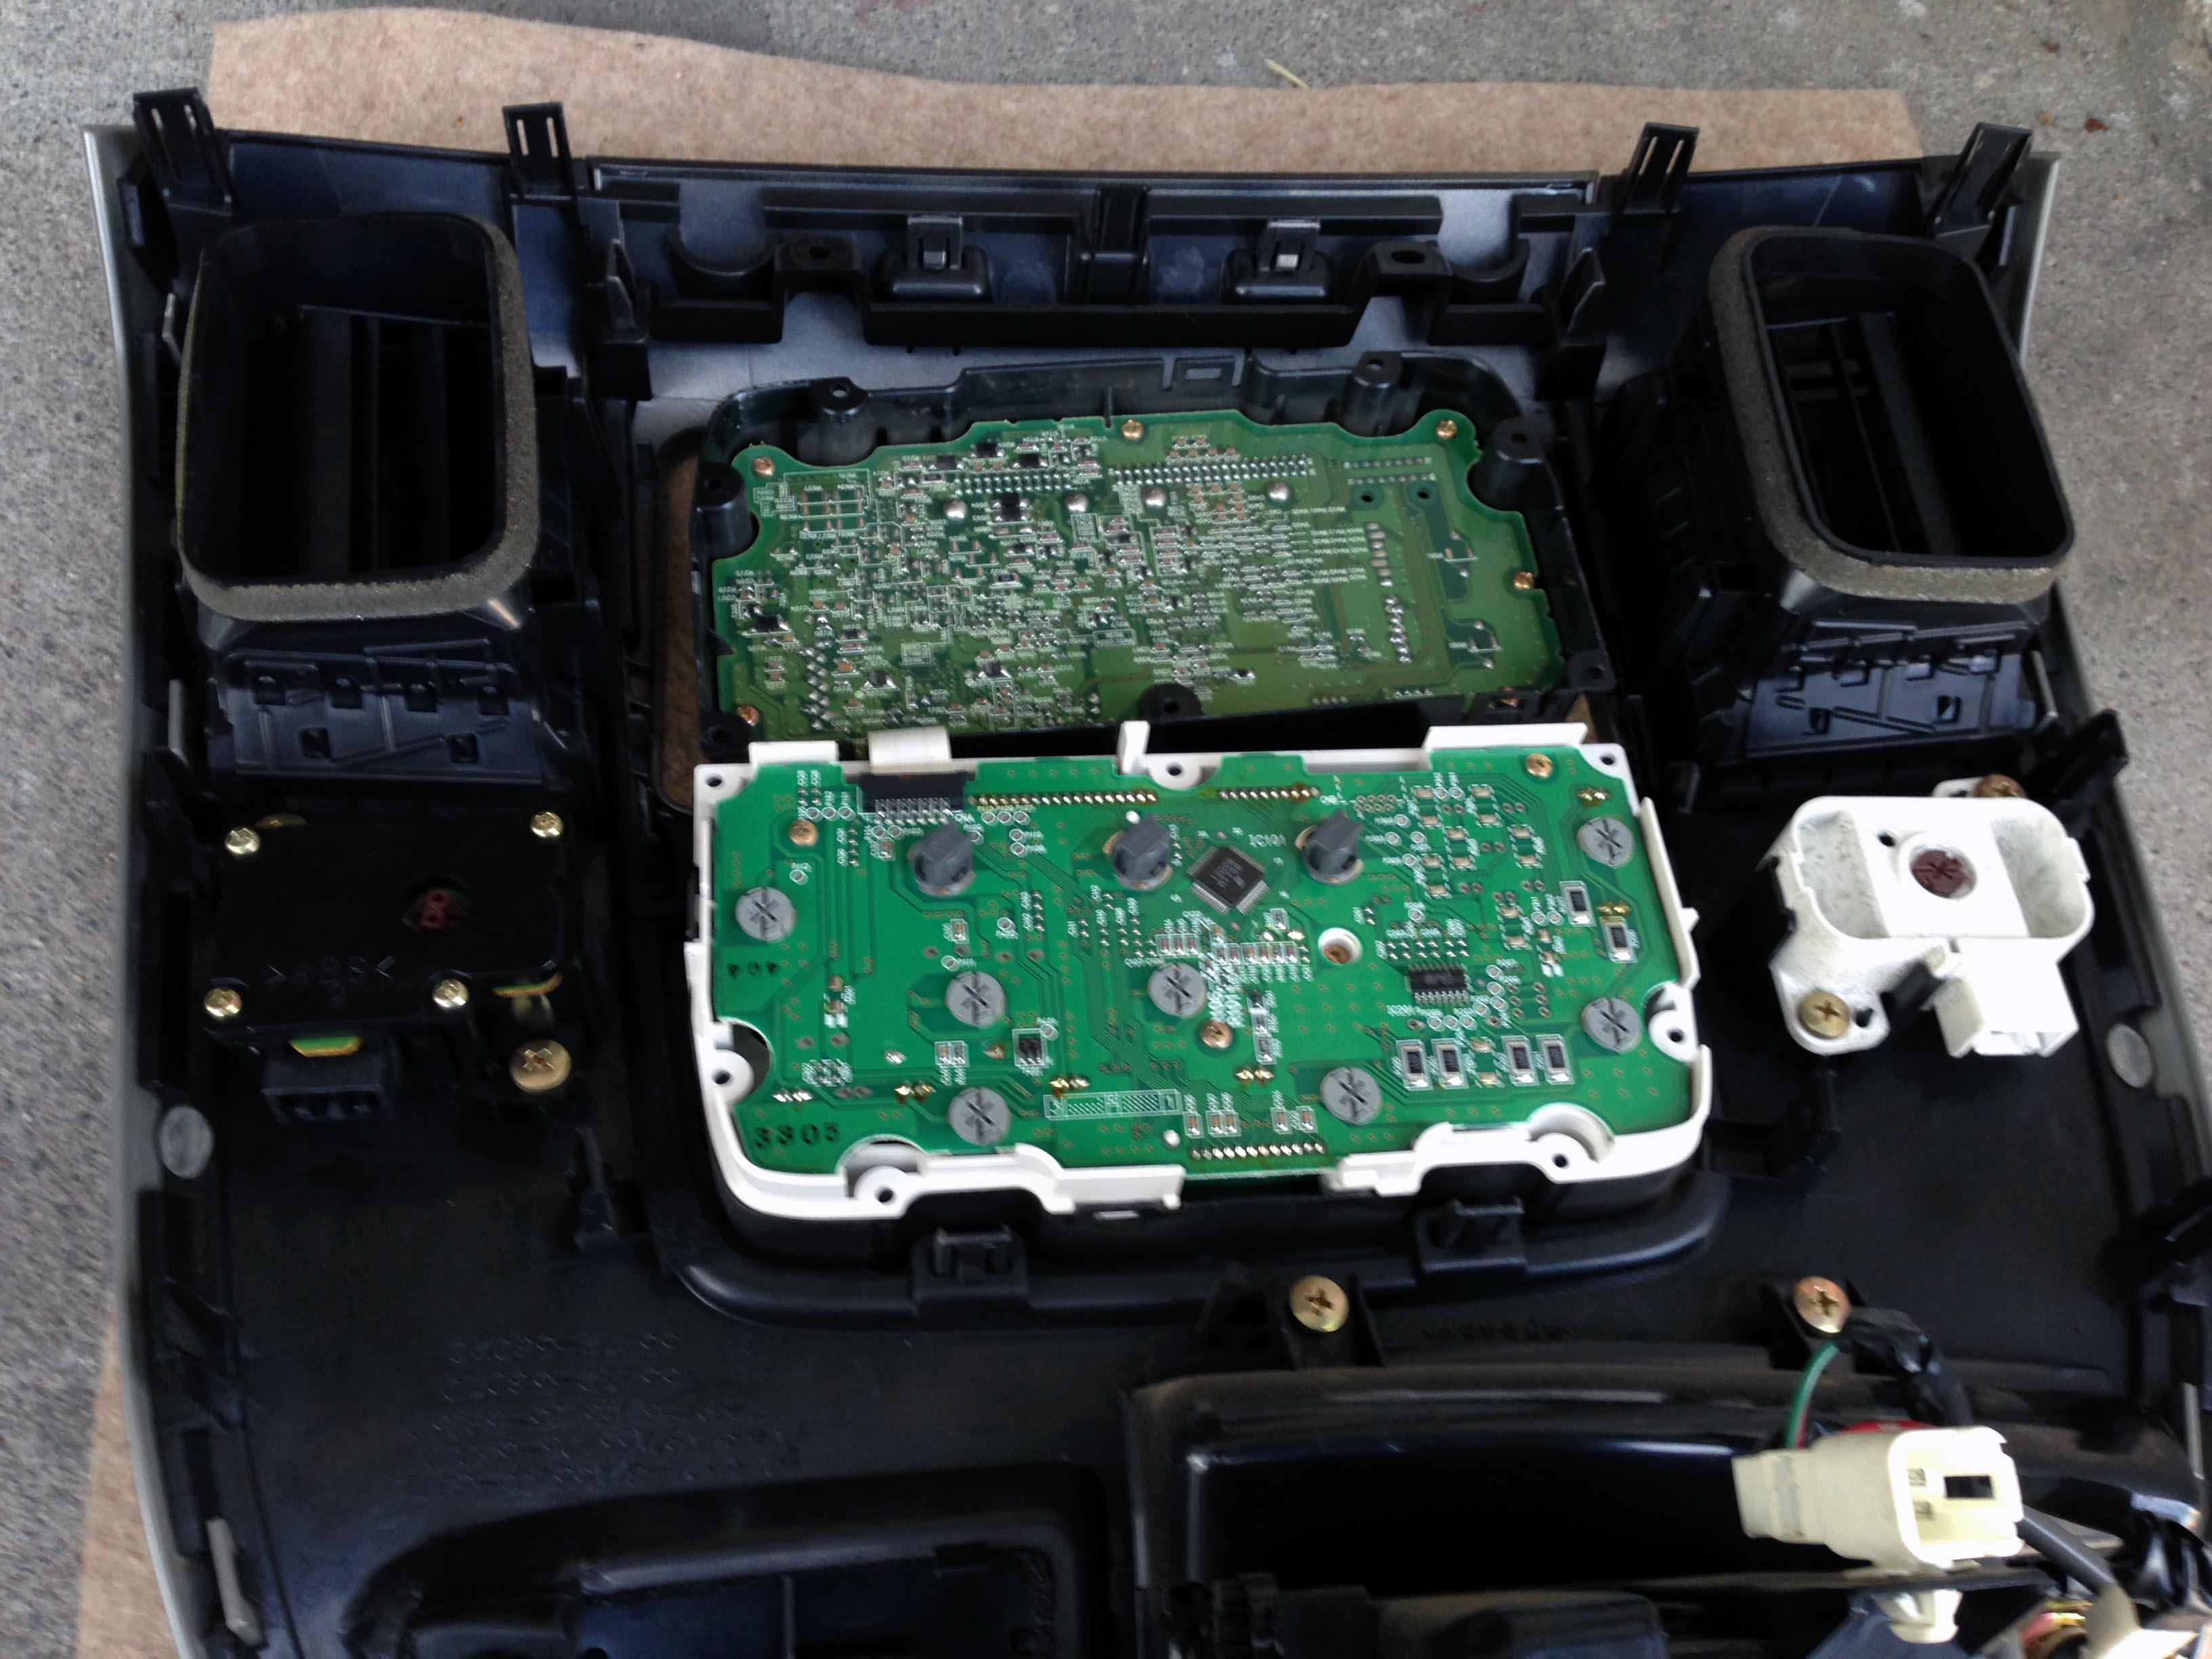 エアコン操作ユニットを分解し電球をLEDに交換します。